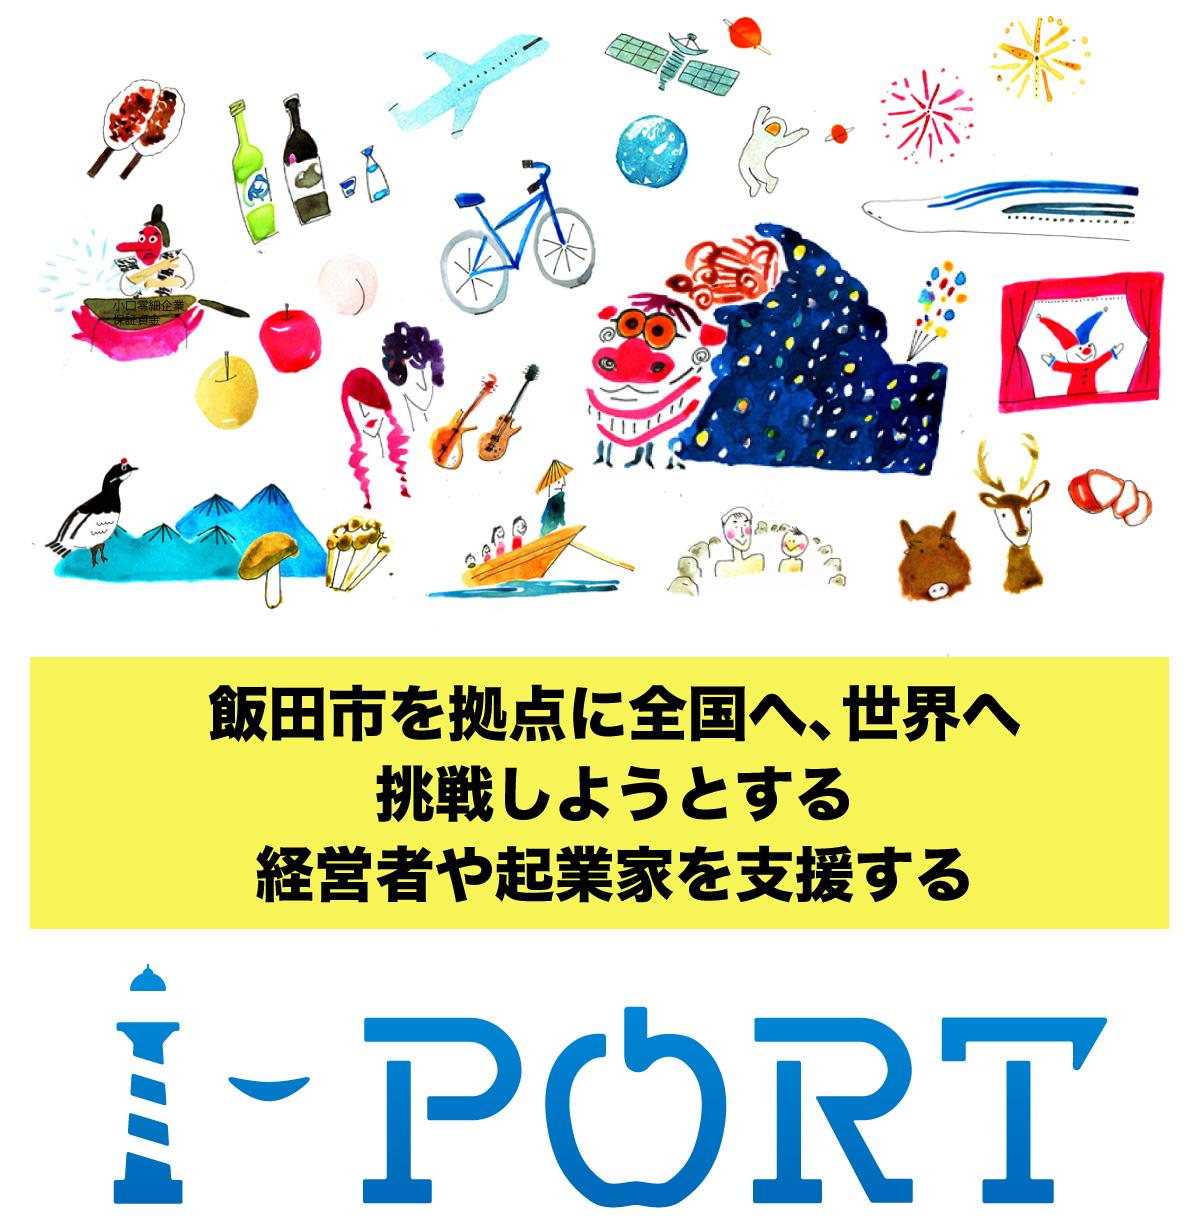 I-Portとは